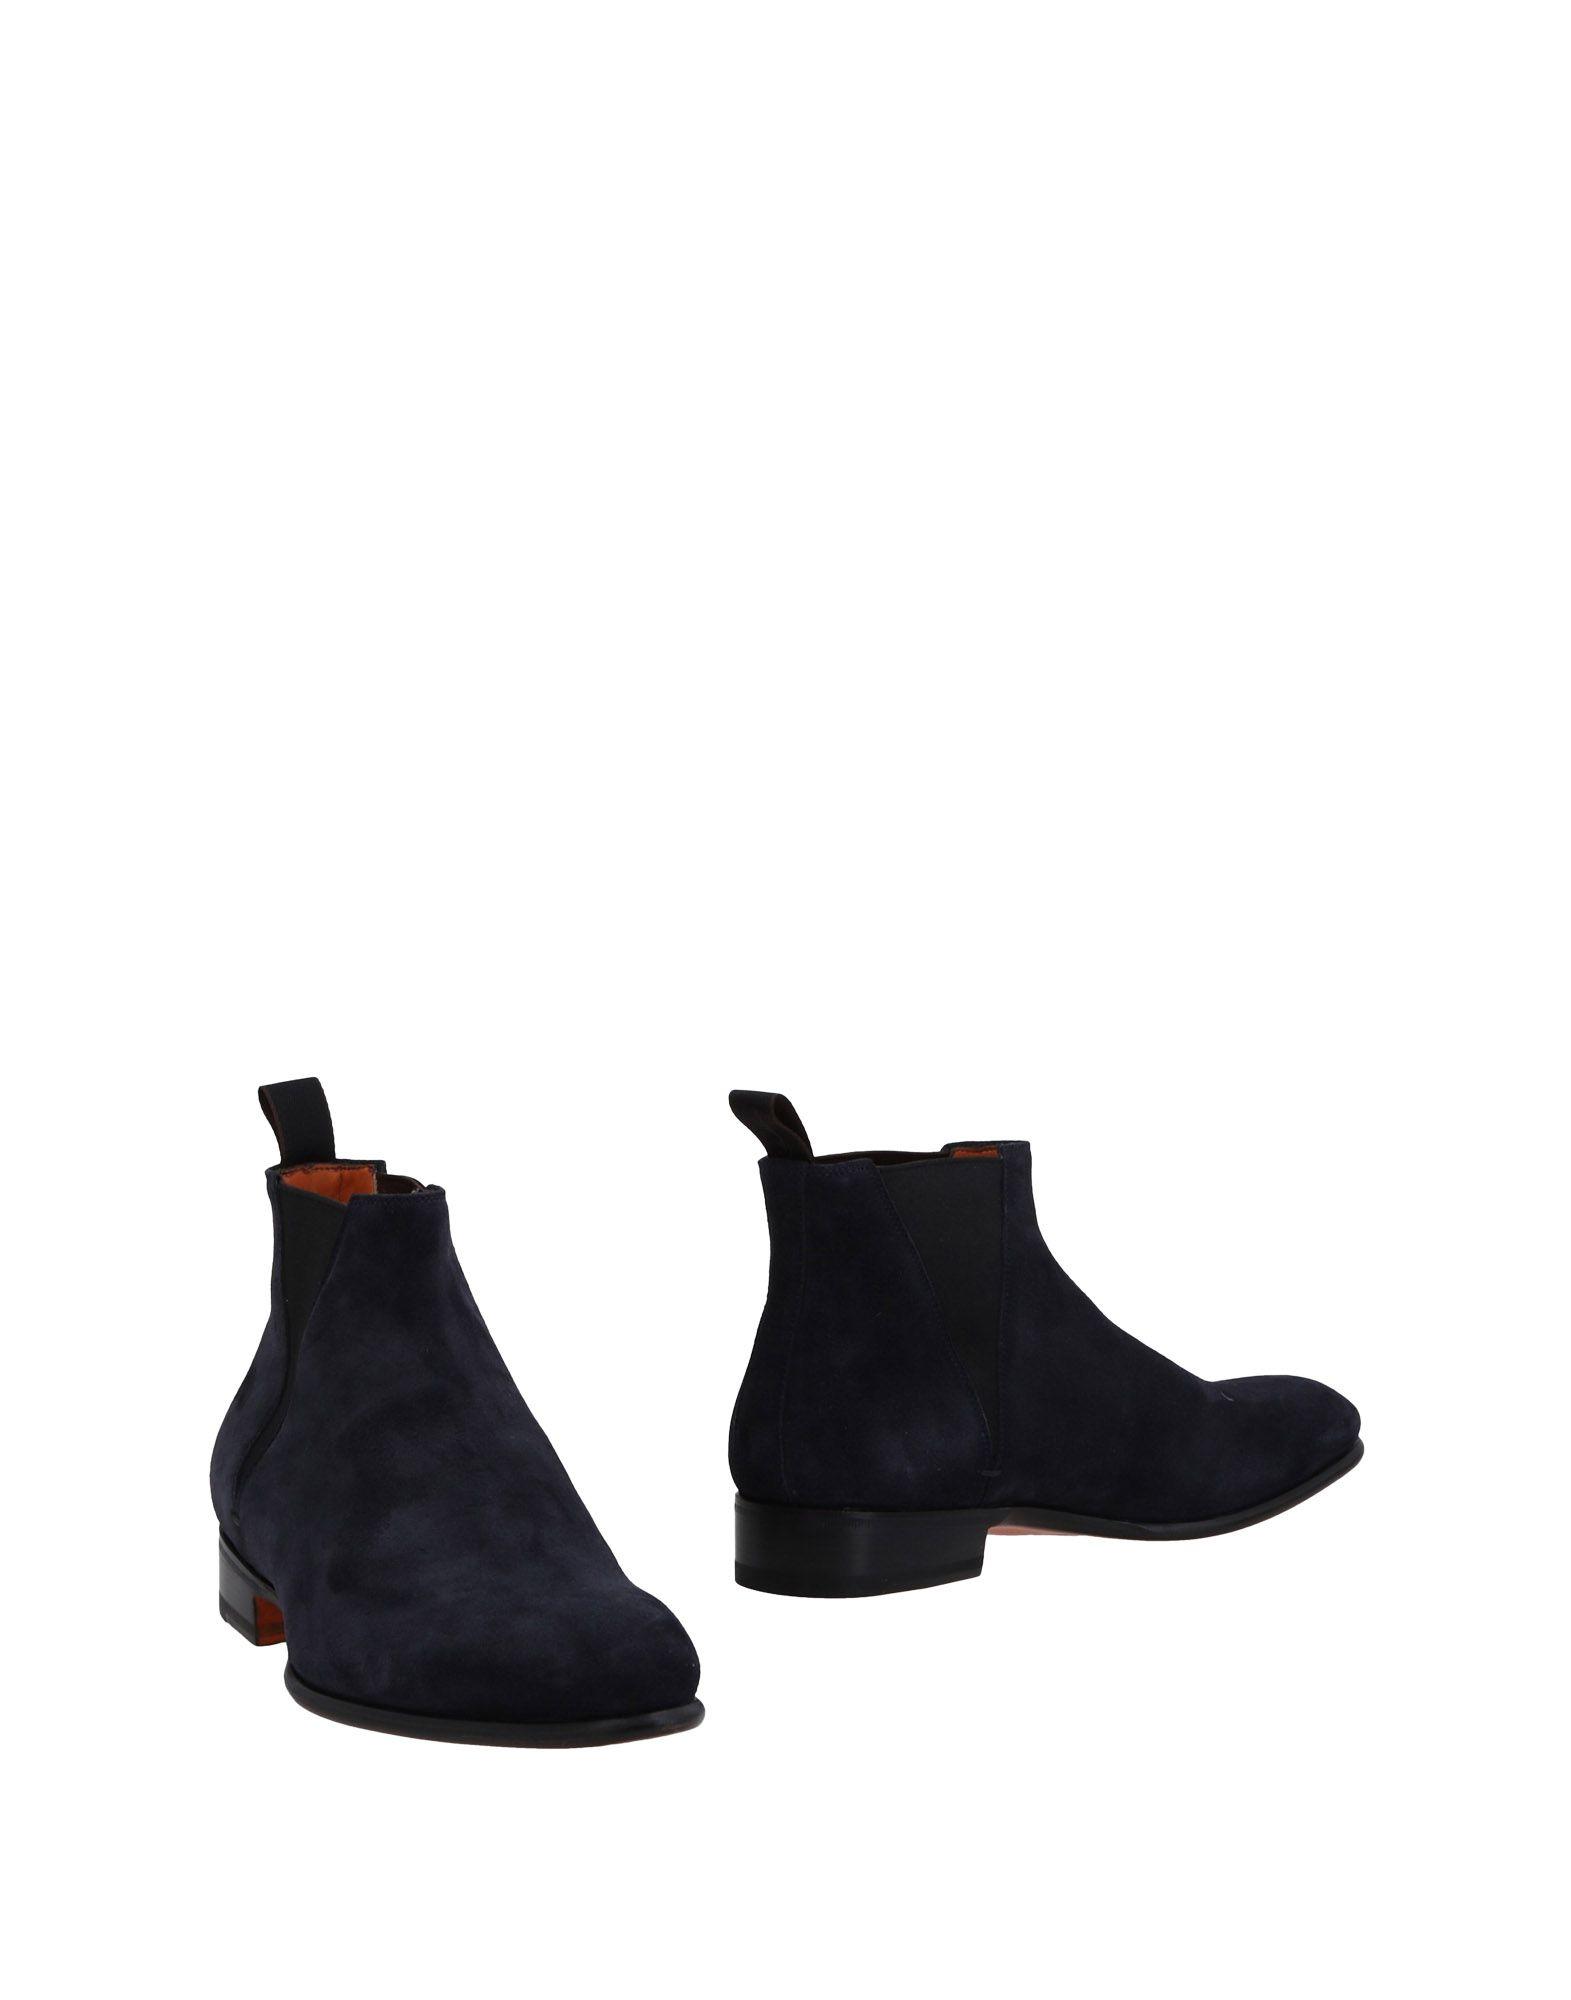 Santoni Stiefelette Gute Herren  11478505GF Gute Stiefelette Qualität beliebte Schuhe 7826ad